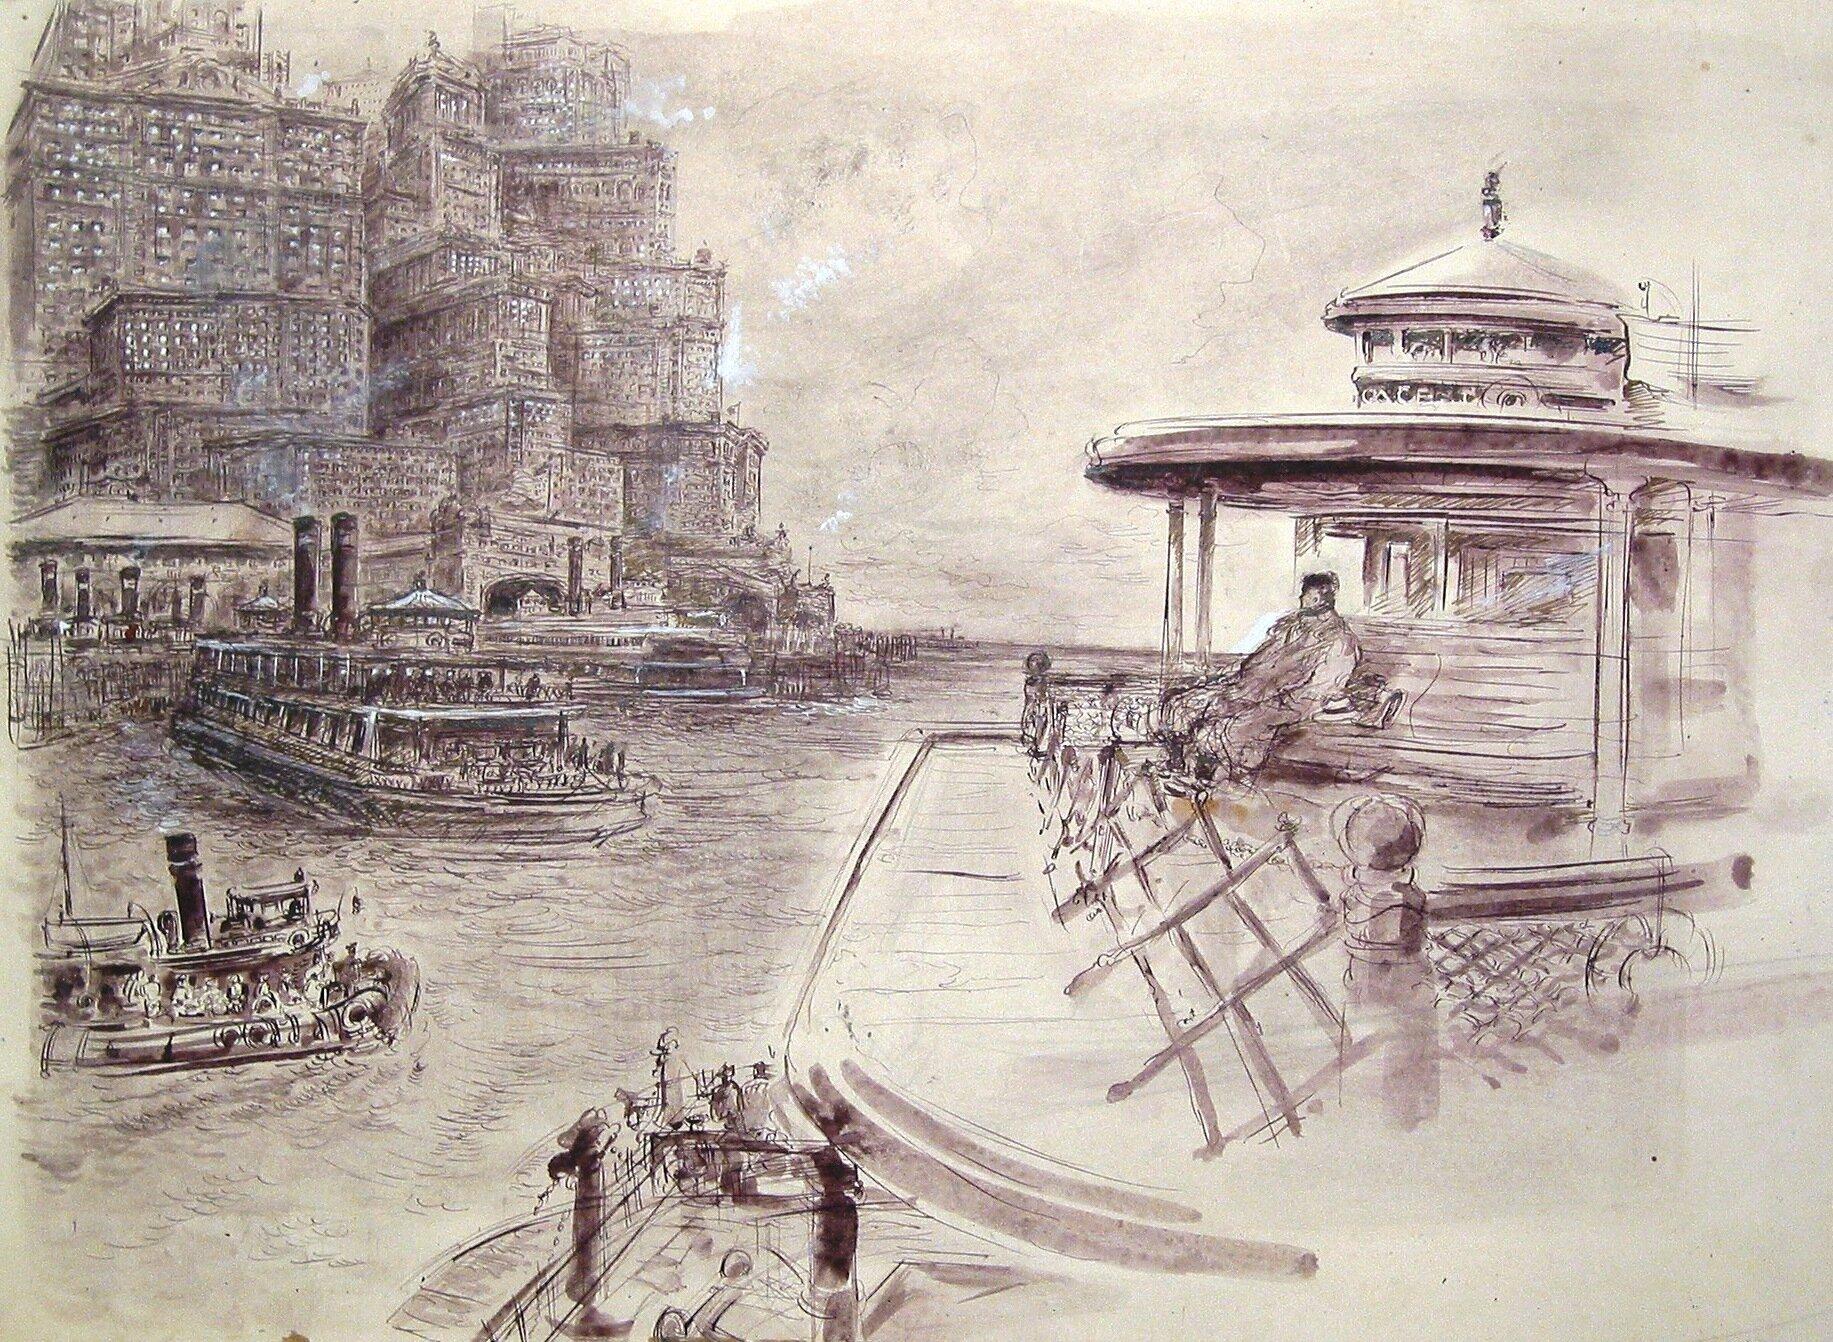 NY harbor, pen and ink 1930